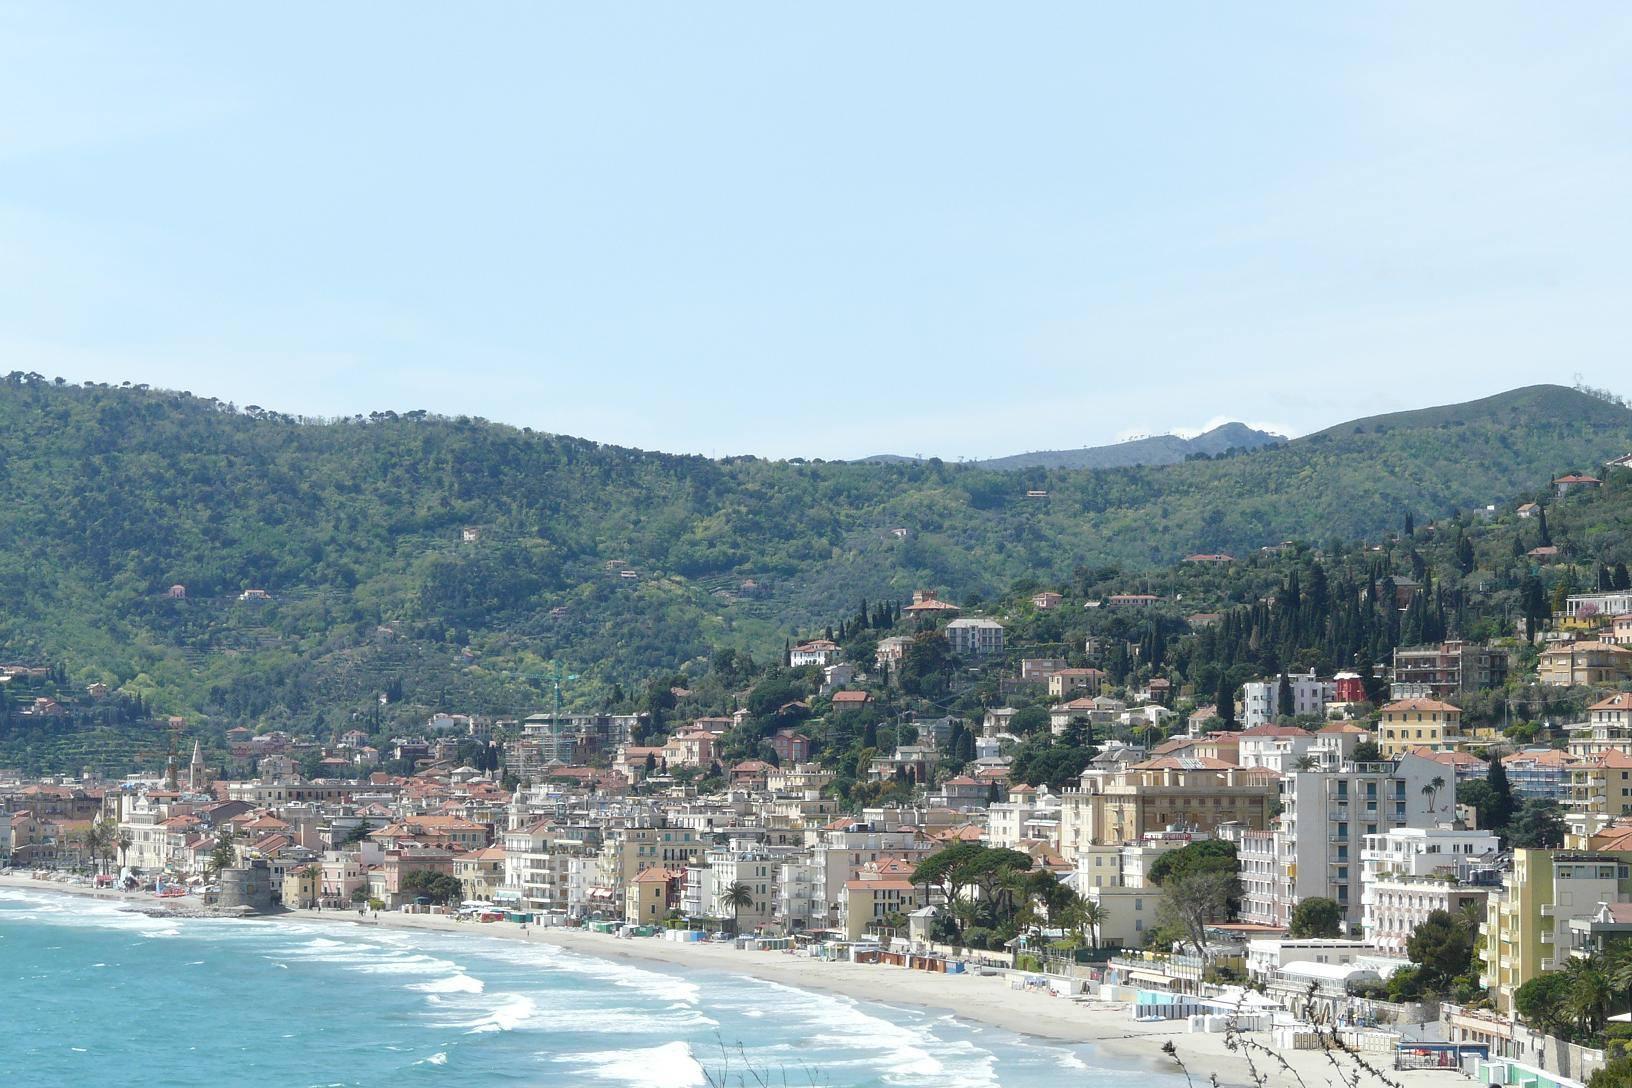 suggerimenti low cost per andare a mare Torino Liguria